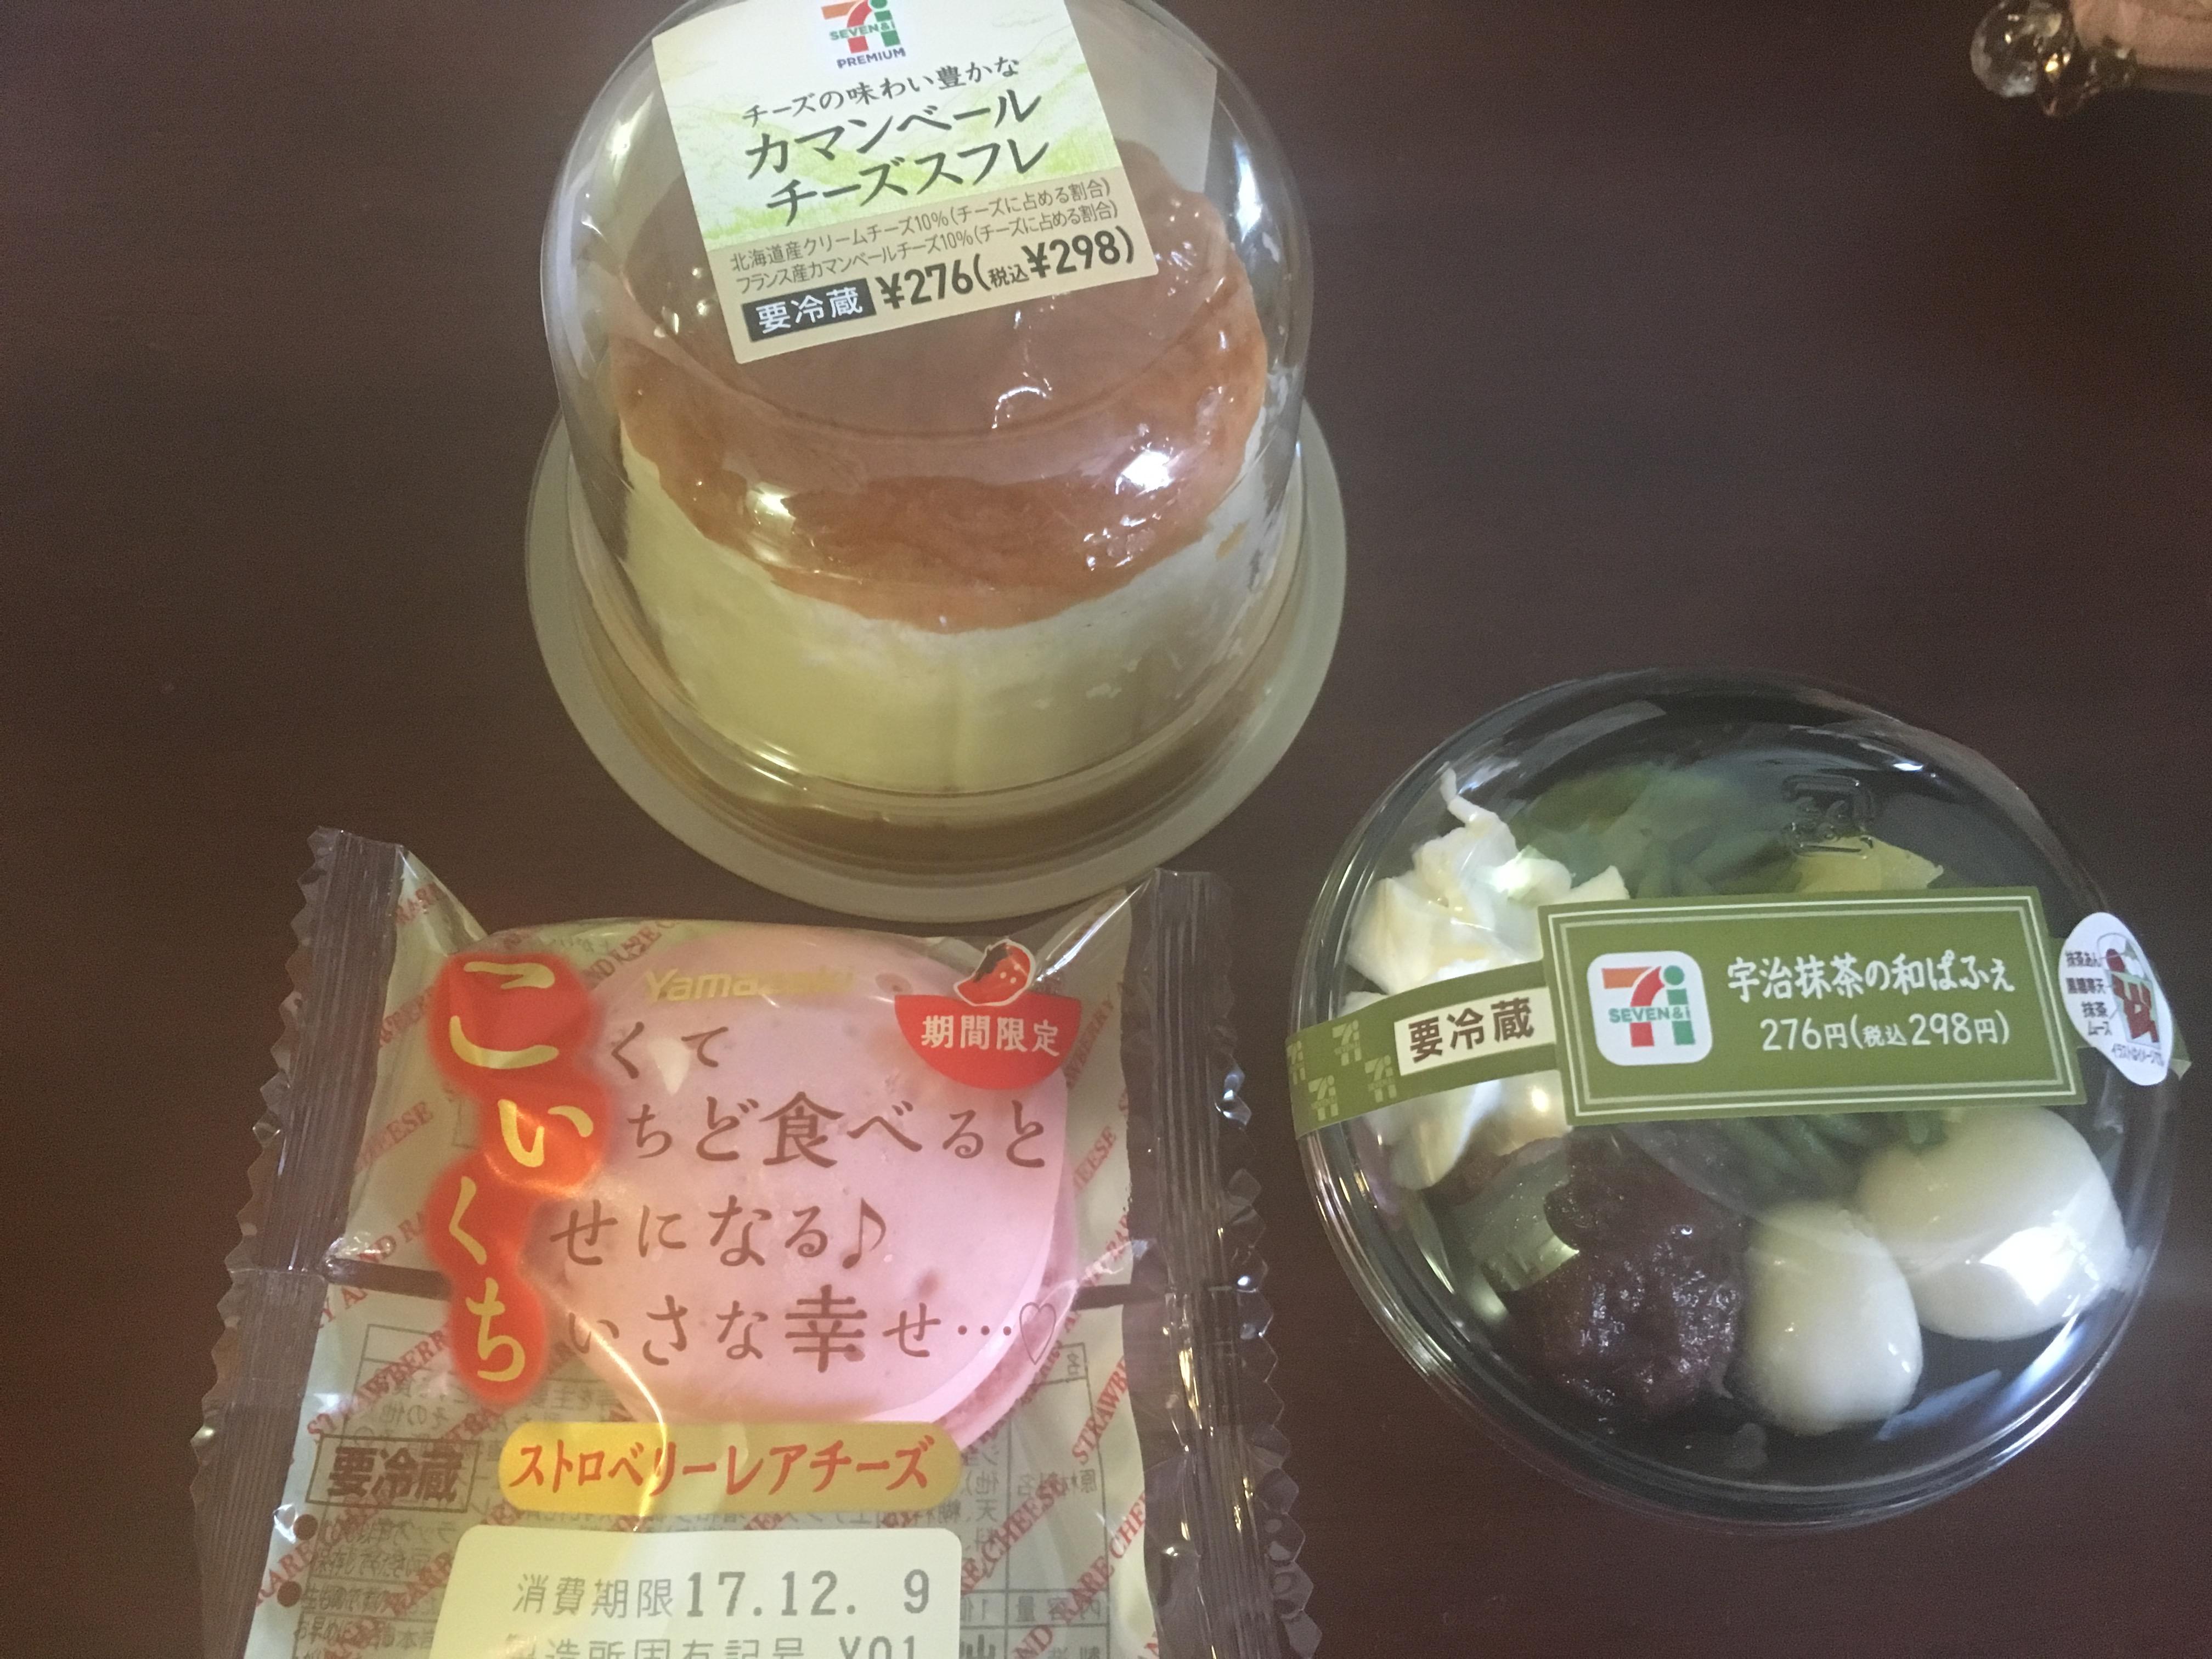 【セブンイレブン】和洋ごちゃまぜのスイーツ3種類を食べ比べ!